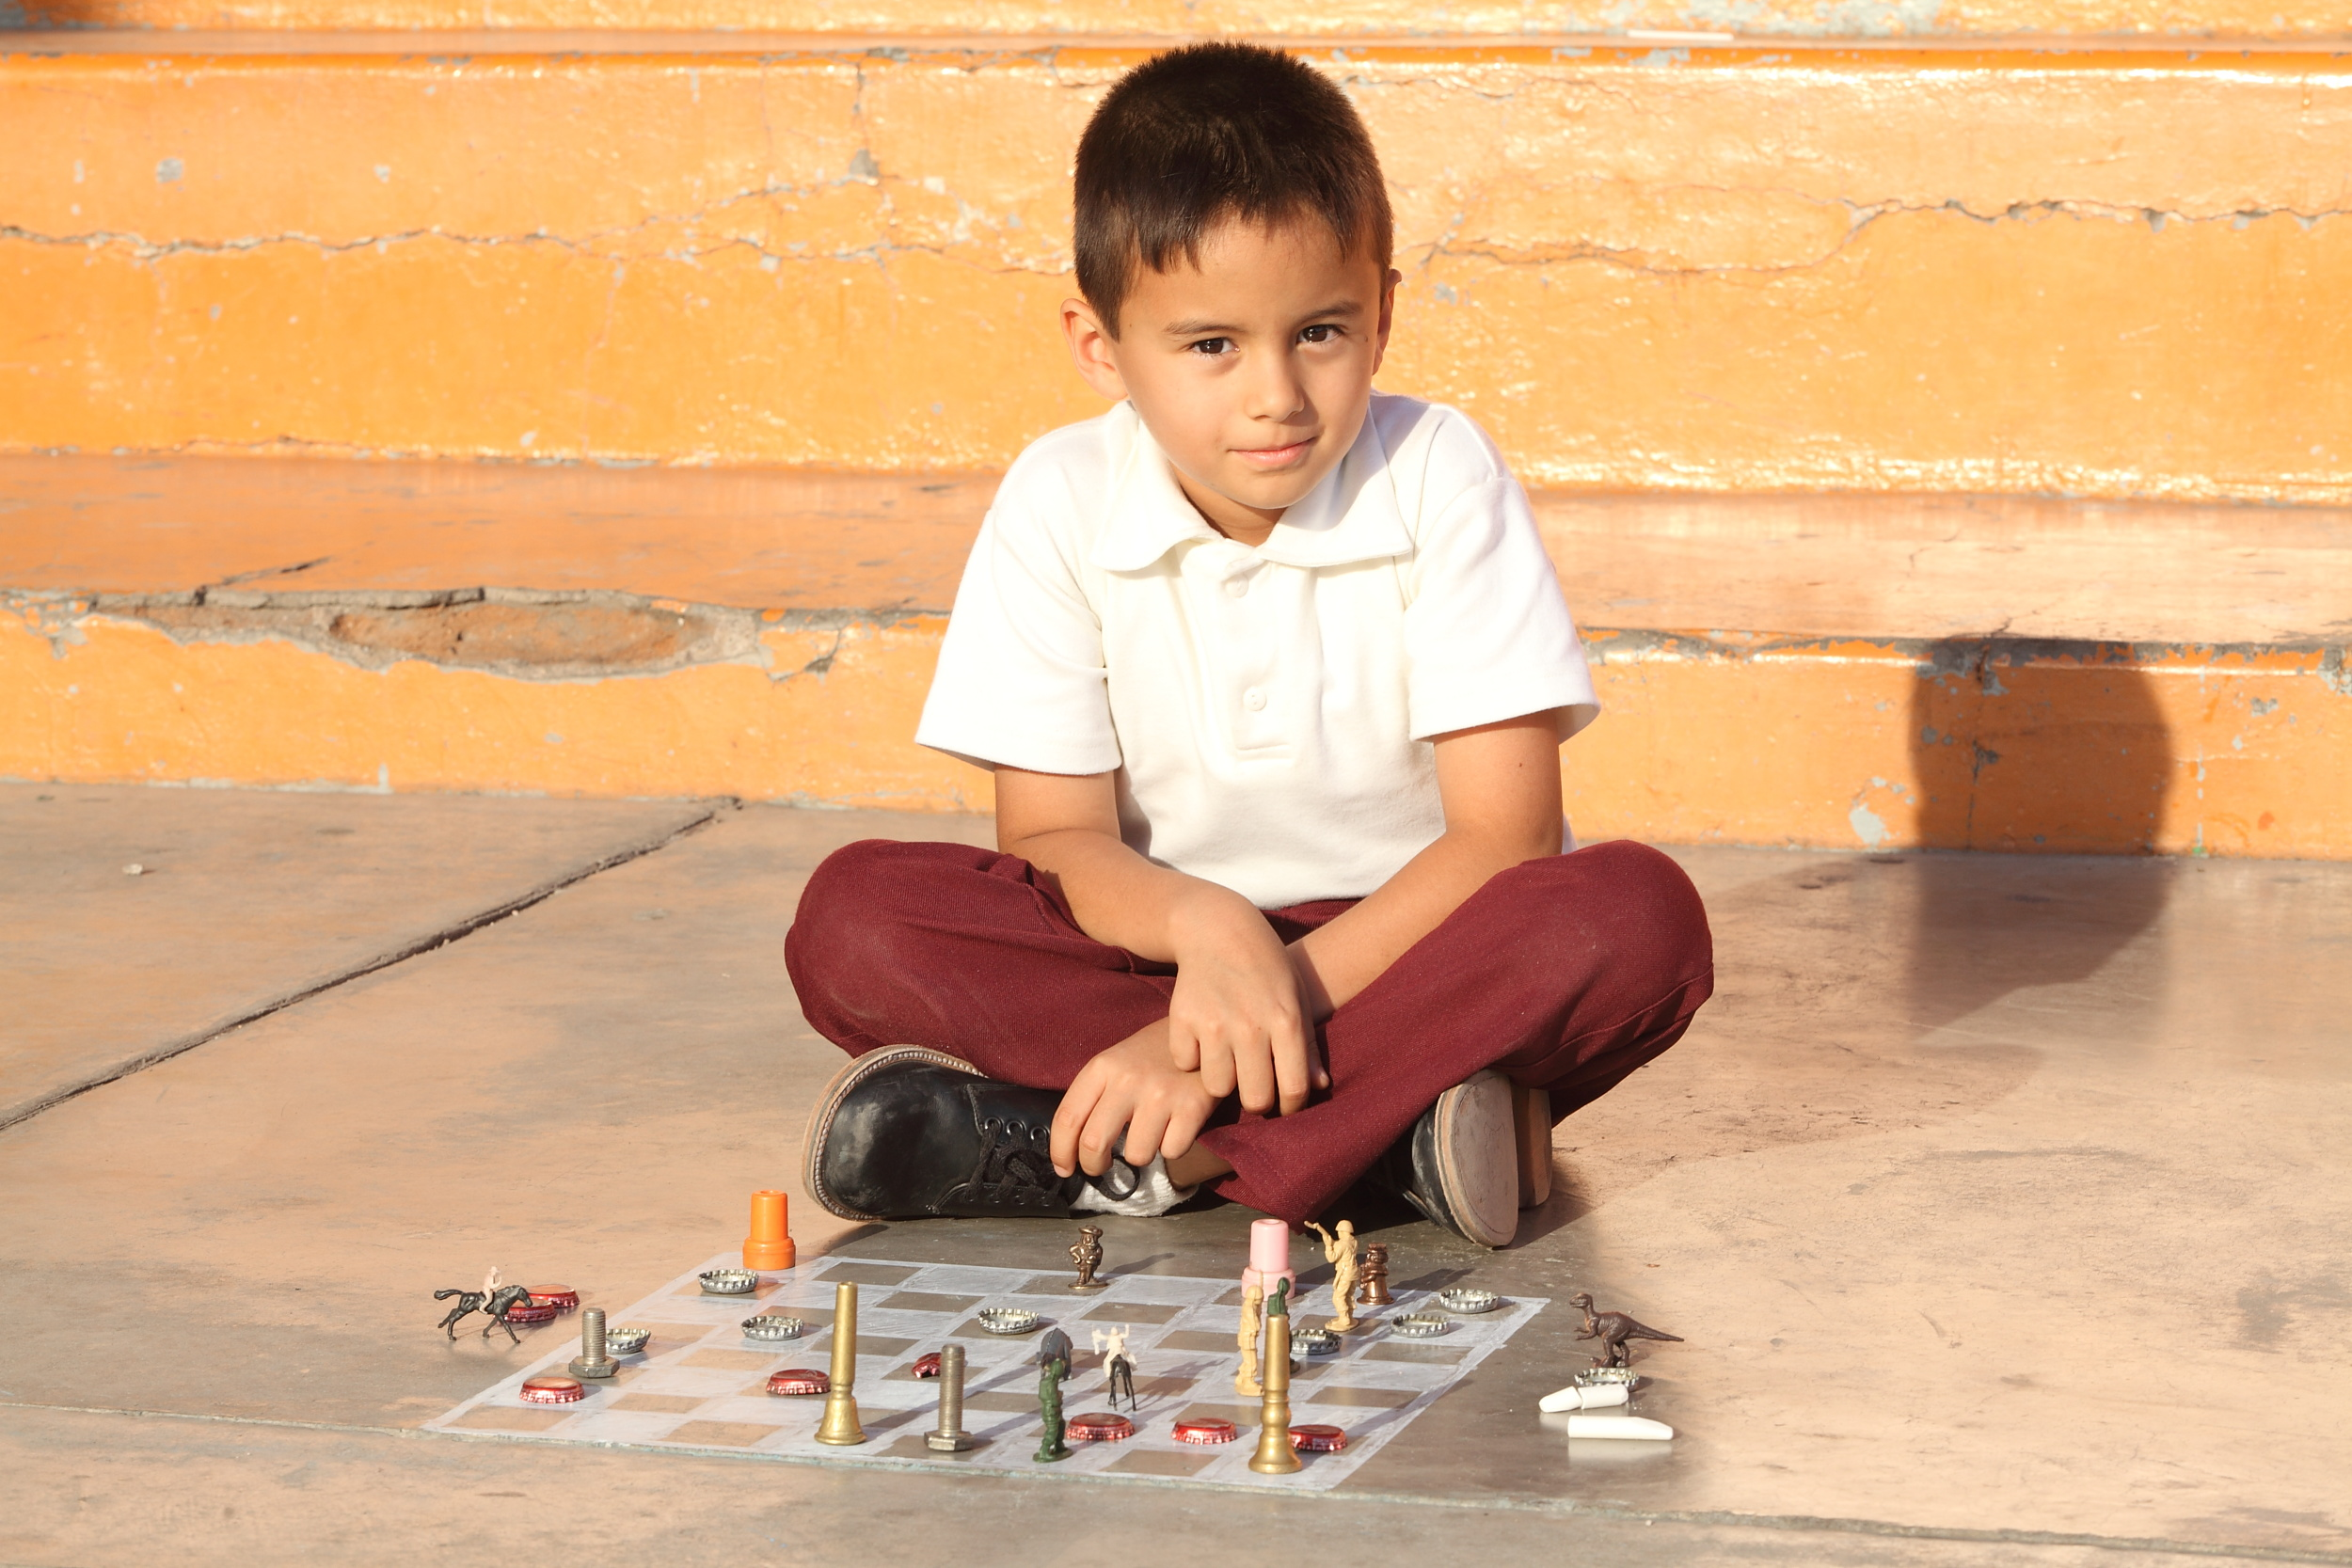 Martín Castro como Jeremías, el niño superdotado. Foto: slff.org